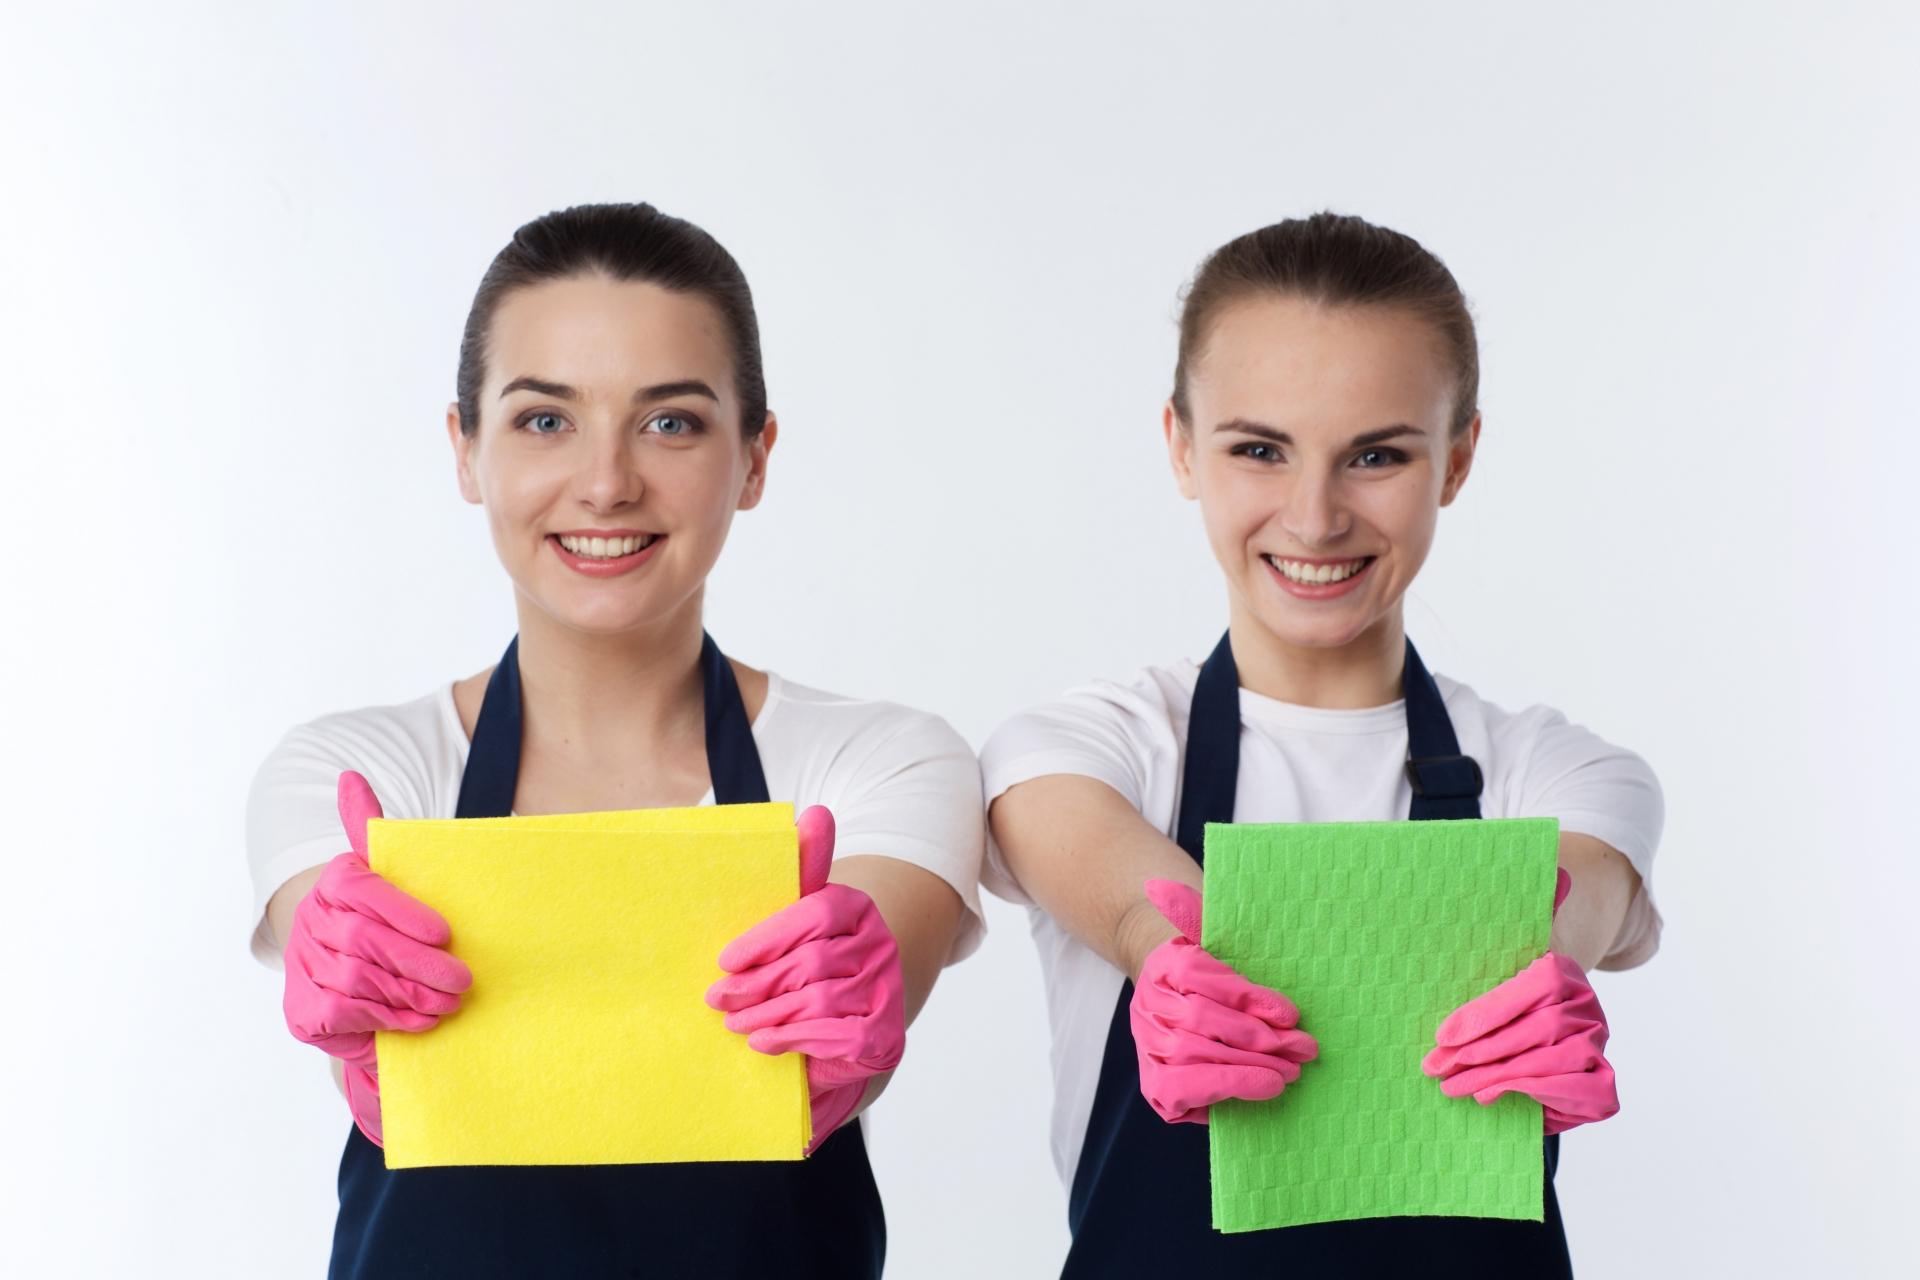 「家事が楽になる」間取り5つのポイント|最も効率的な洗濯物干し動線とは!?